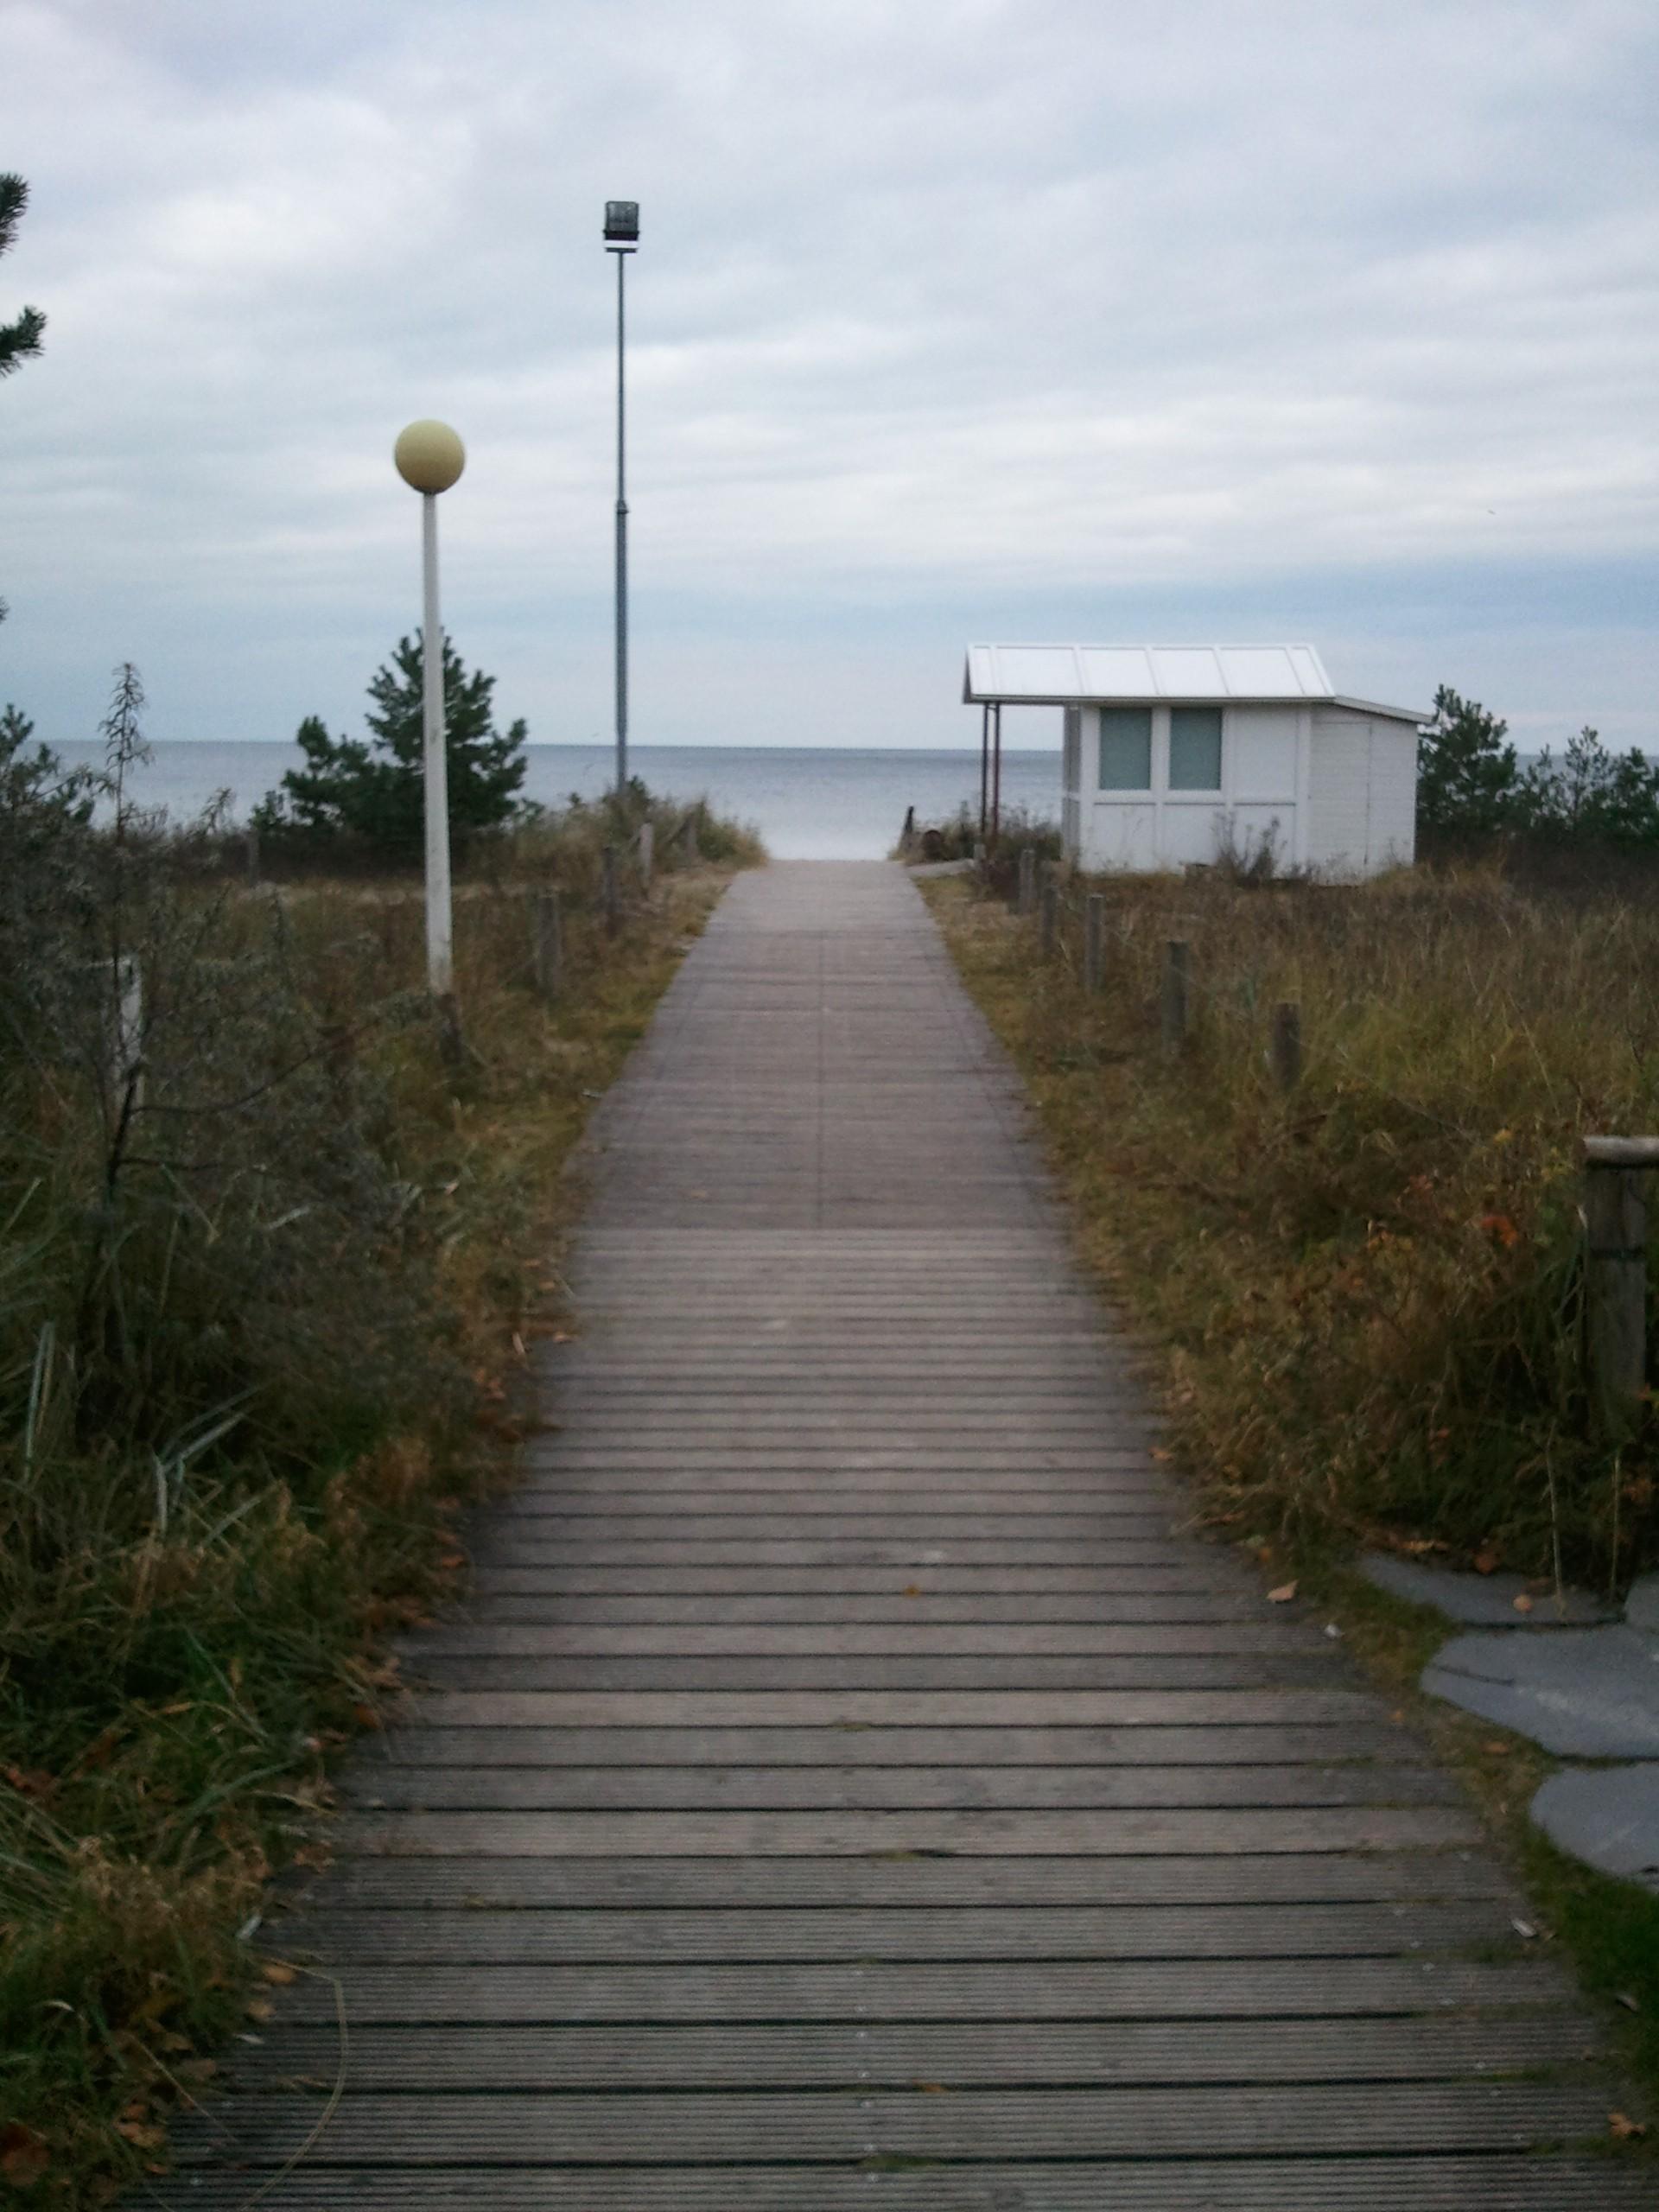 Dielenweg durch Dünen Richtung See